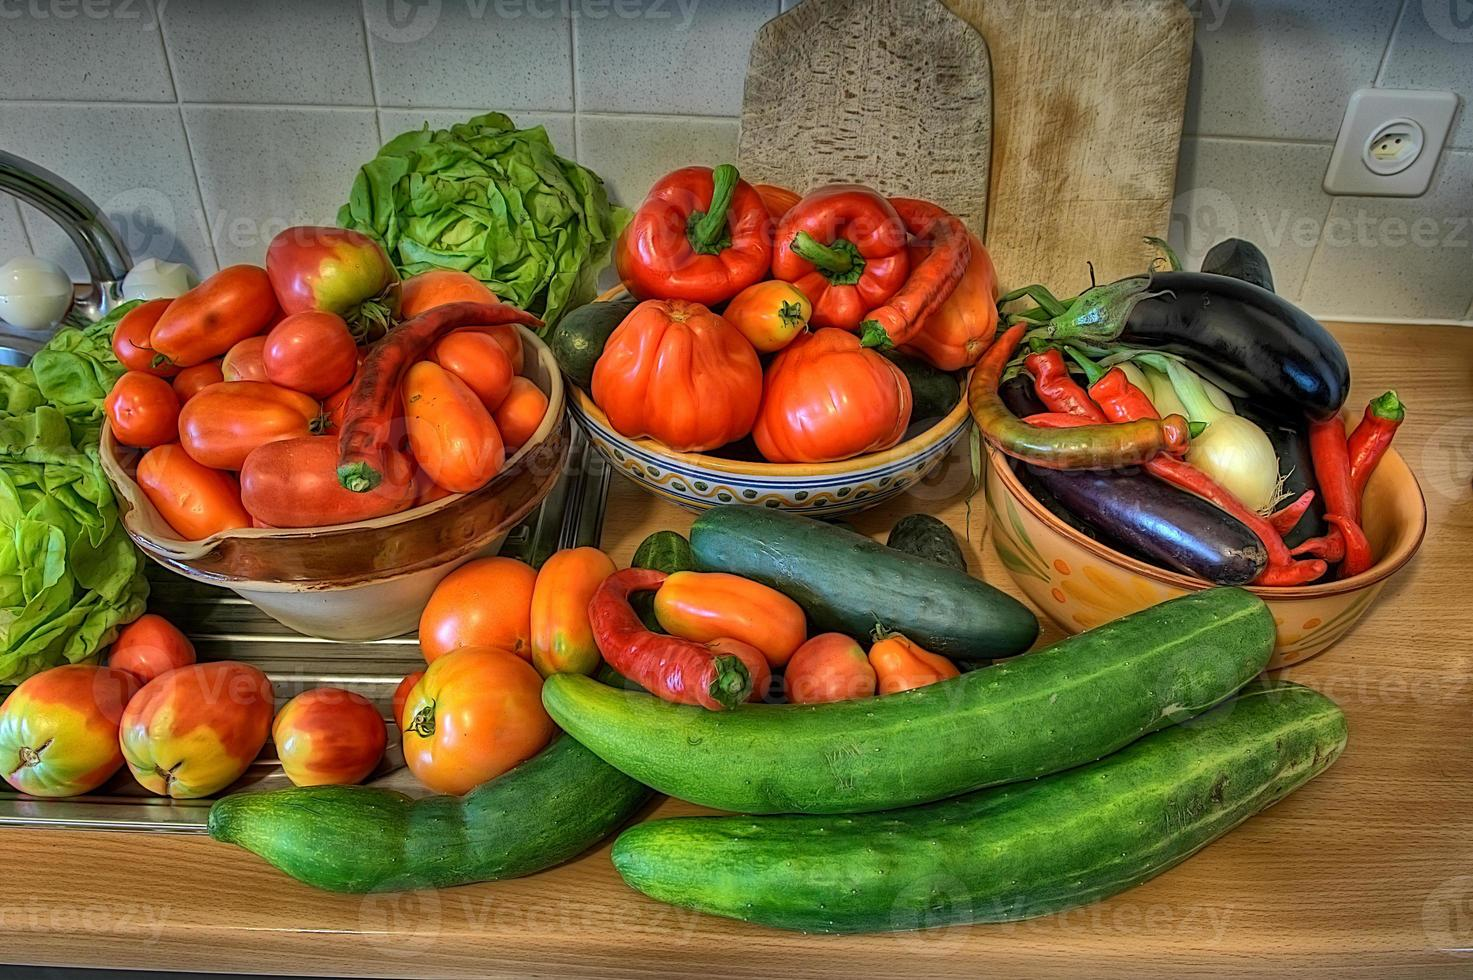 italienisches Gemüse photo